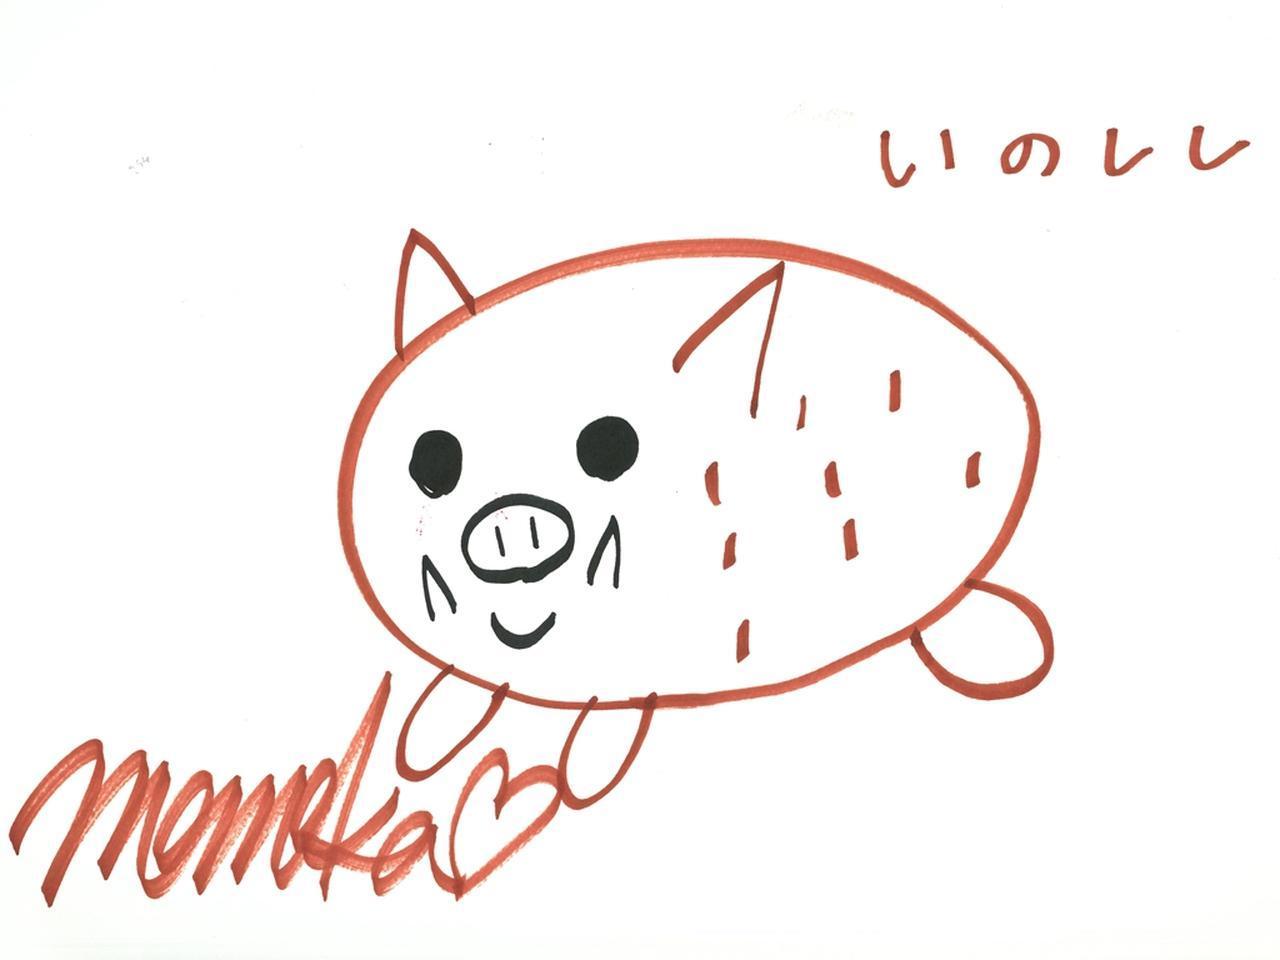 画像: サラサラーっと描いたイノシシだが、三浦桃香プロらしい可愛らしさが強調された逸品を描いてくれた